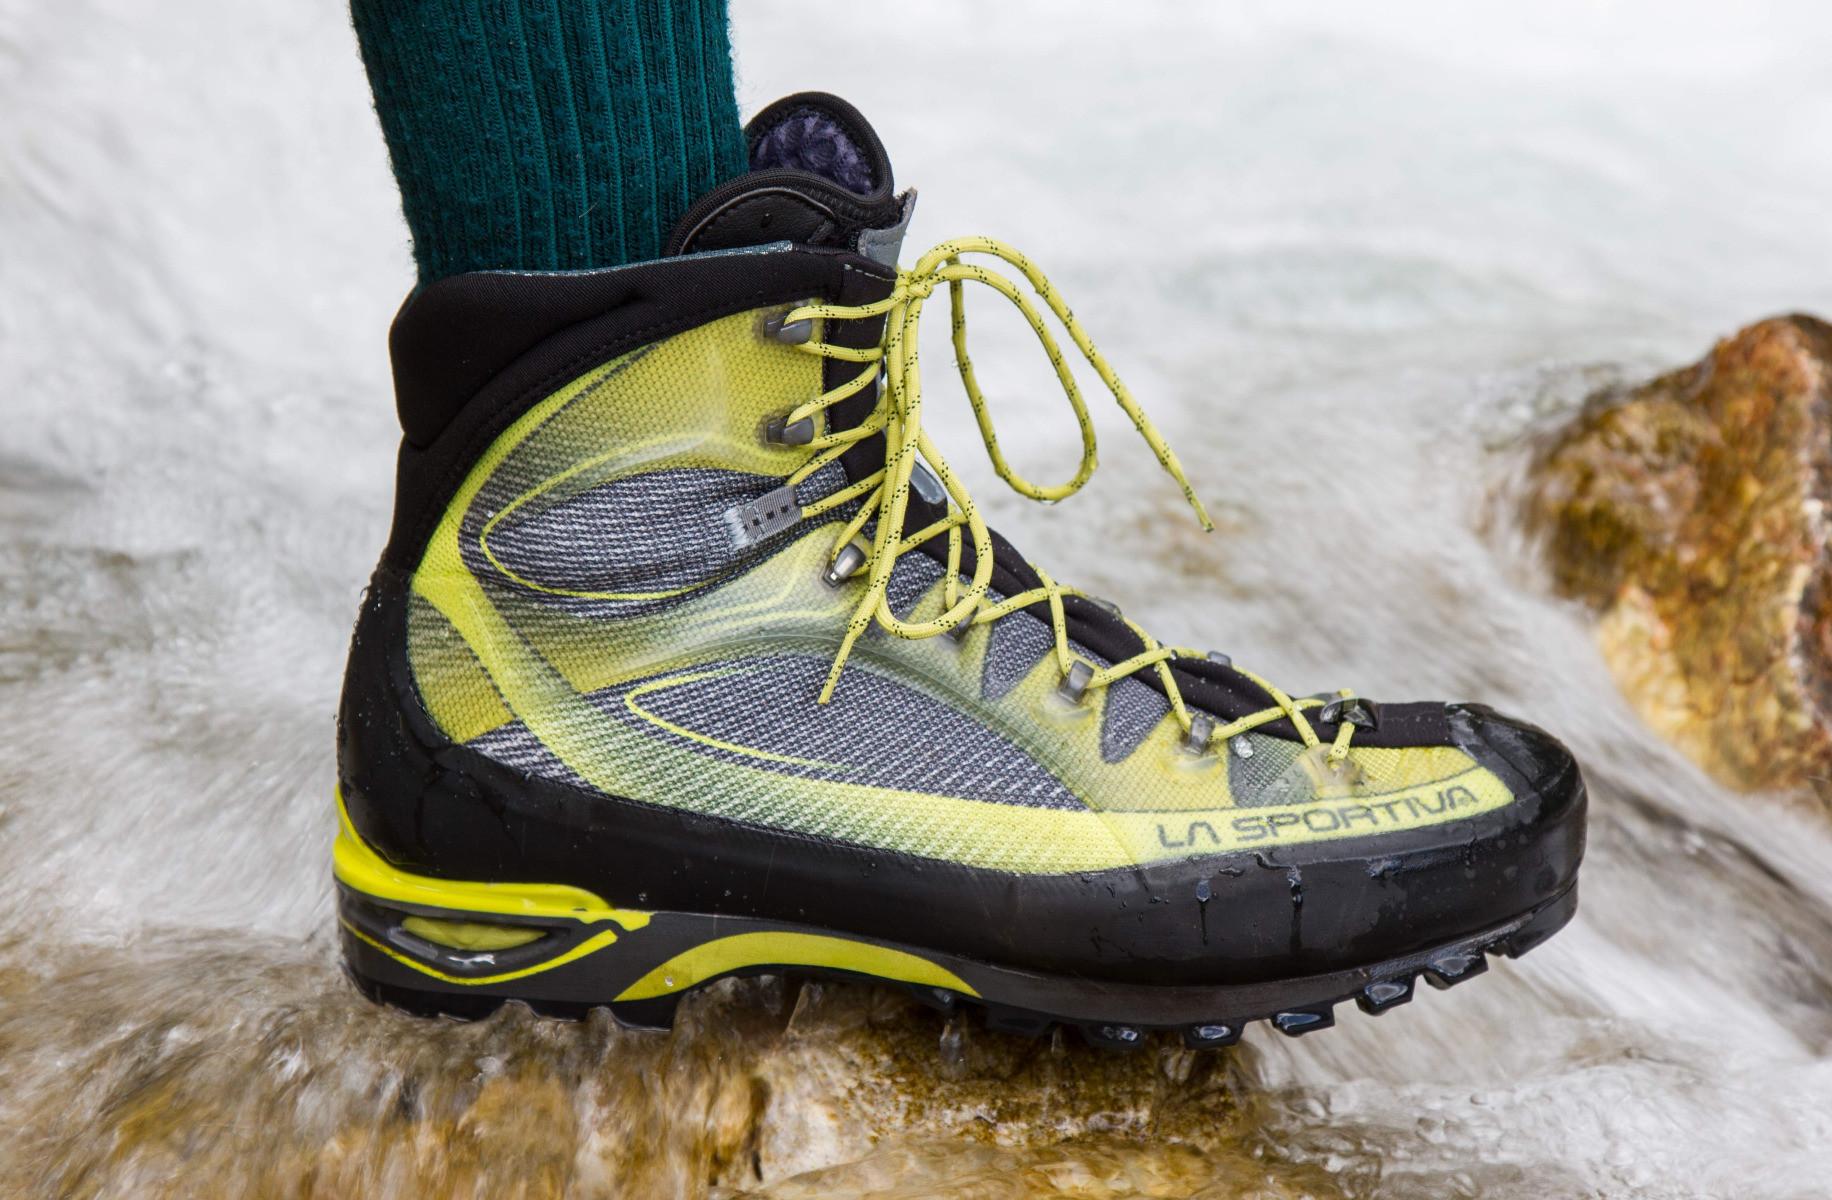 Klettersteigschuhe : Aktuelle alpin und klettersteigschuhe im bergleben test